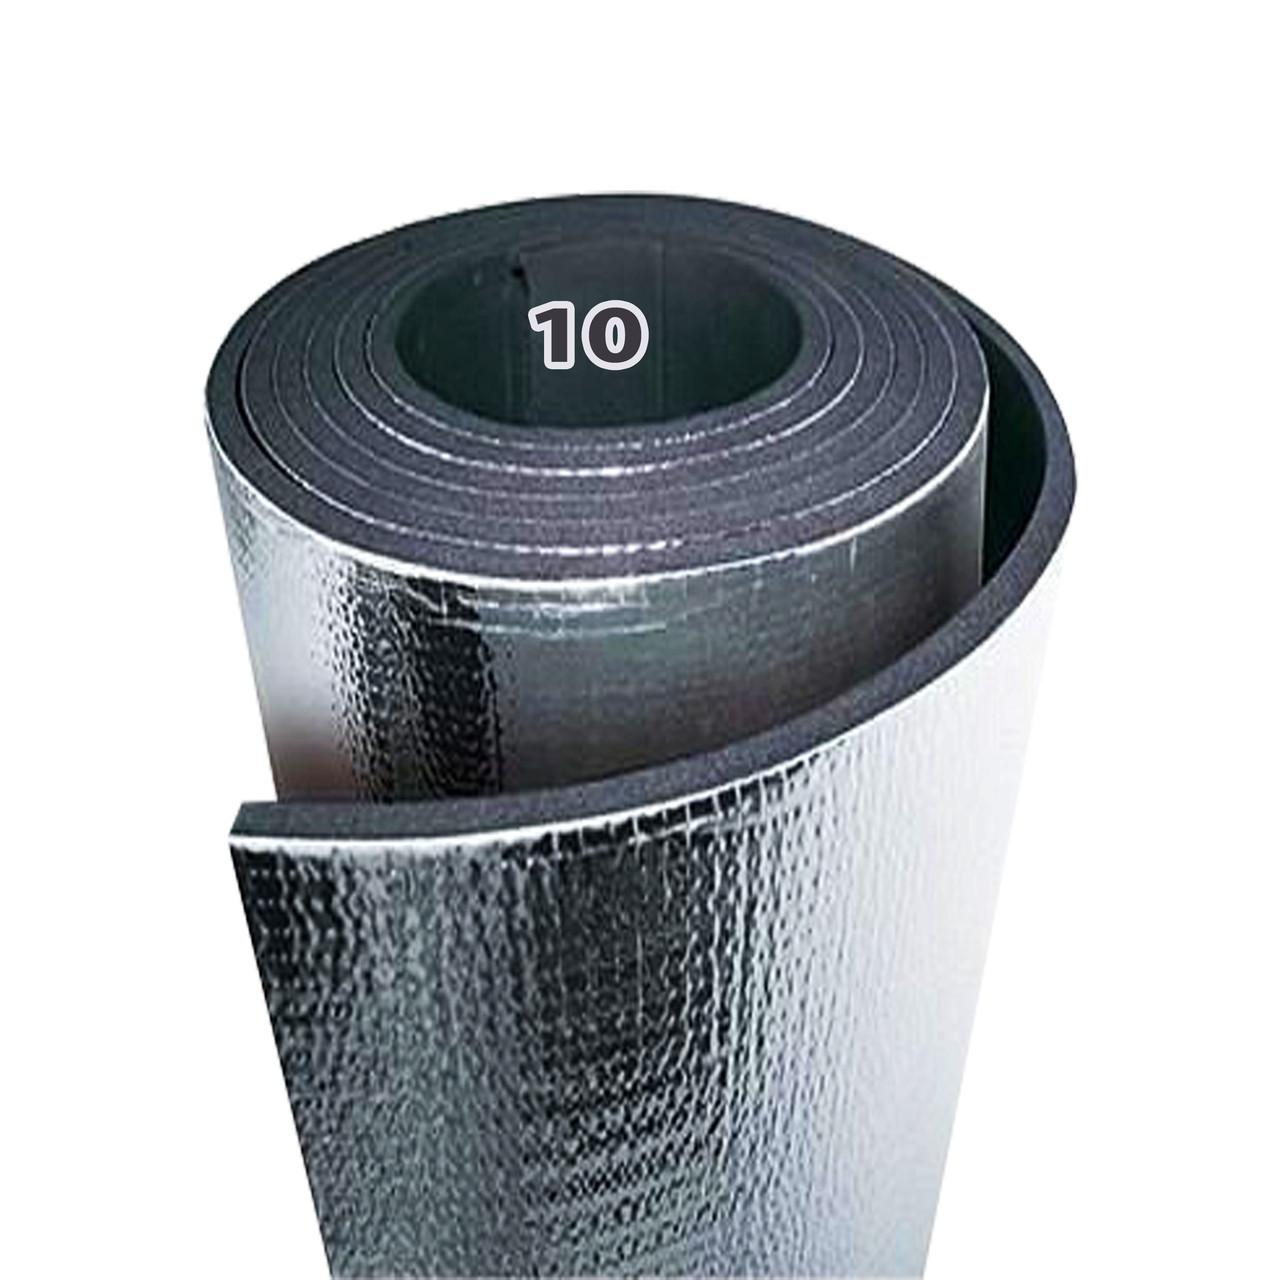 Химически сшитый вспененный полиэтилен, самоклеящийся, фольгированный 10 мм